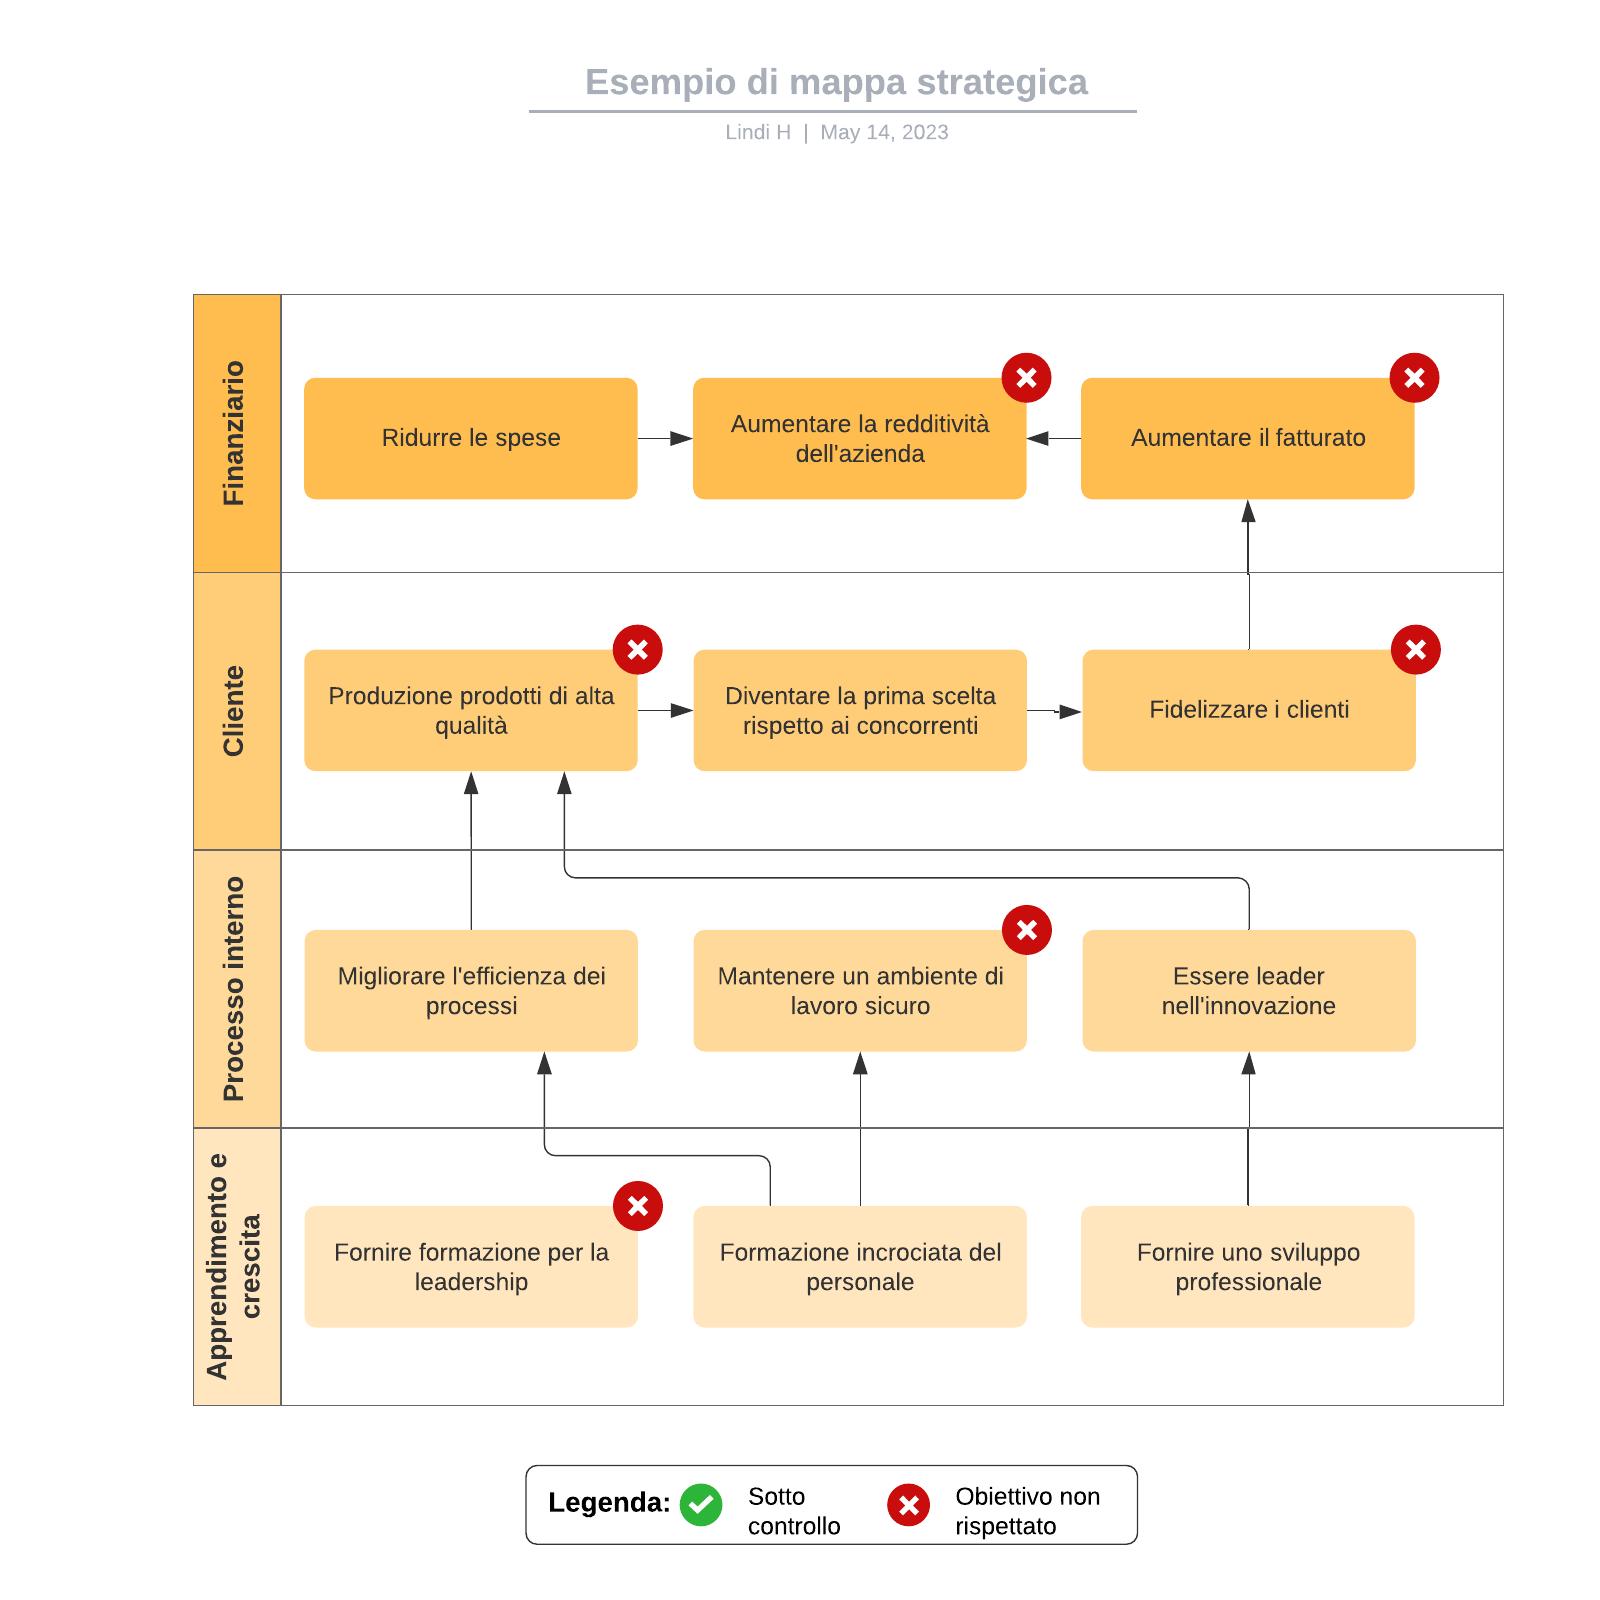 Esempio di mappa strategica